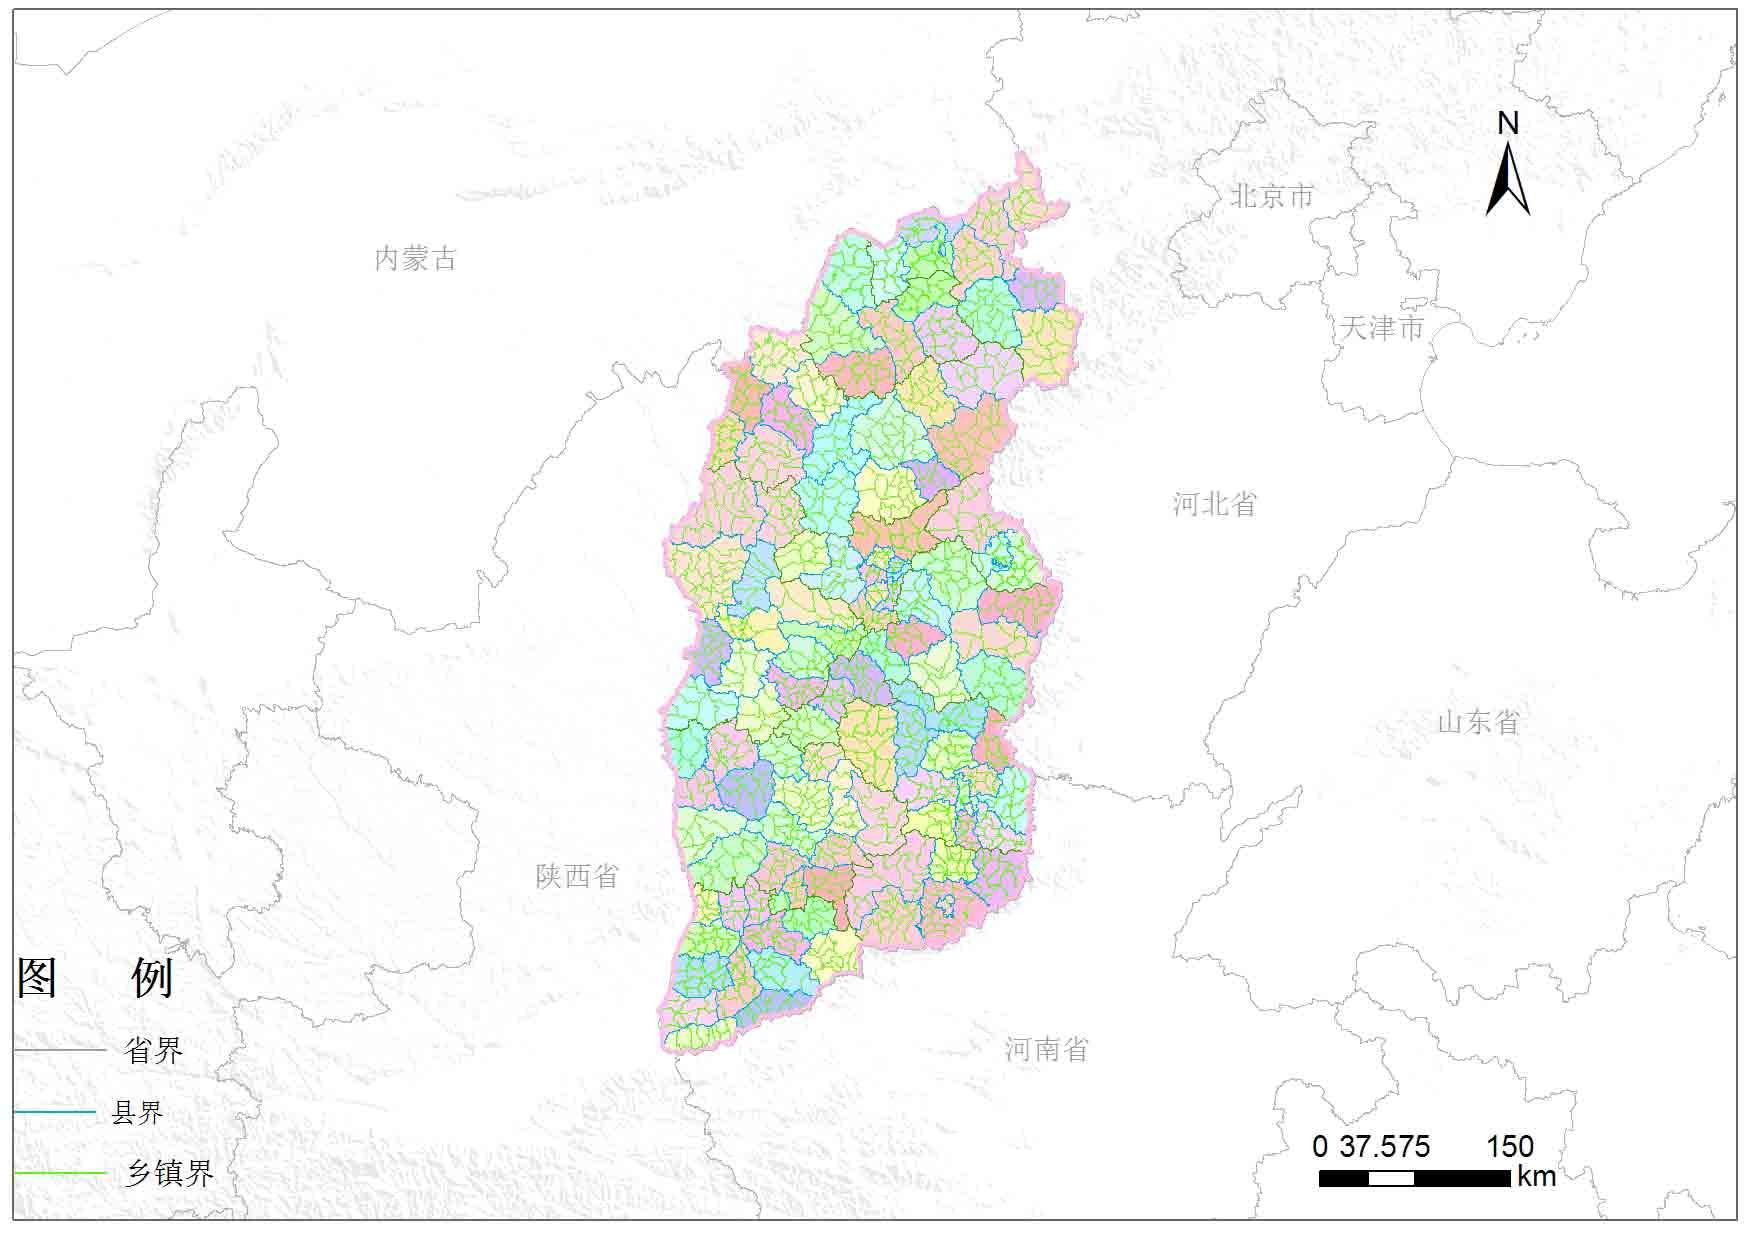 山西省乡镇行政区划-地图数据-地理国情监测云平台